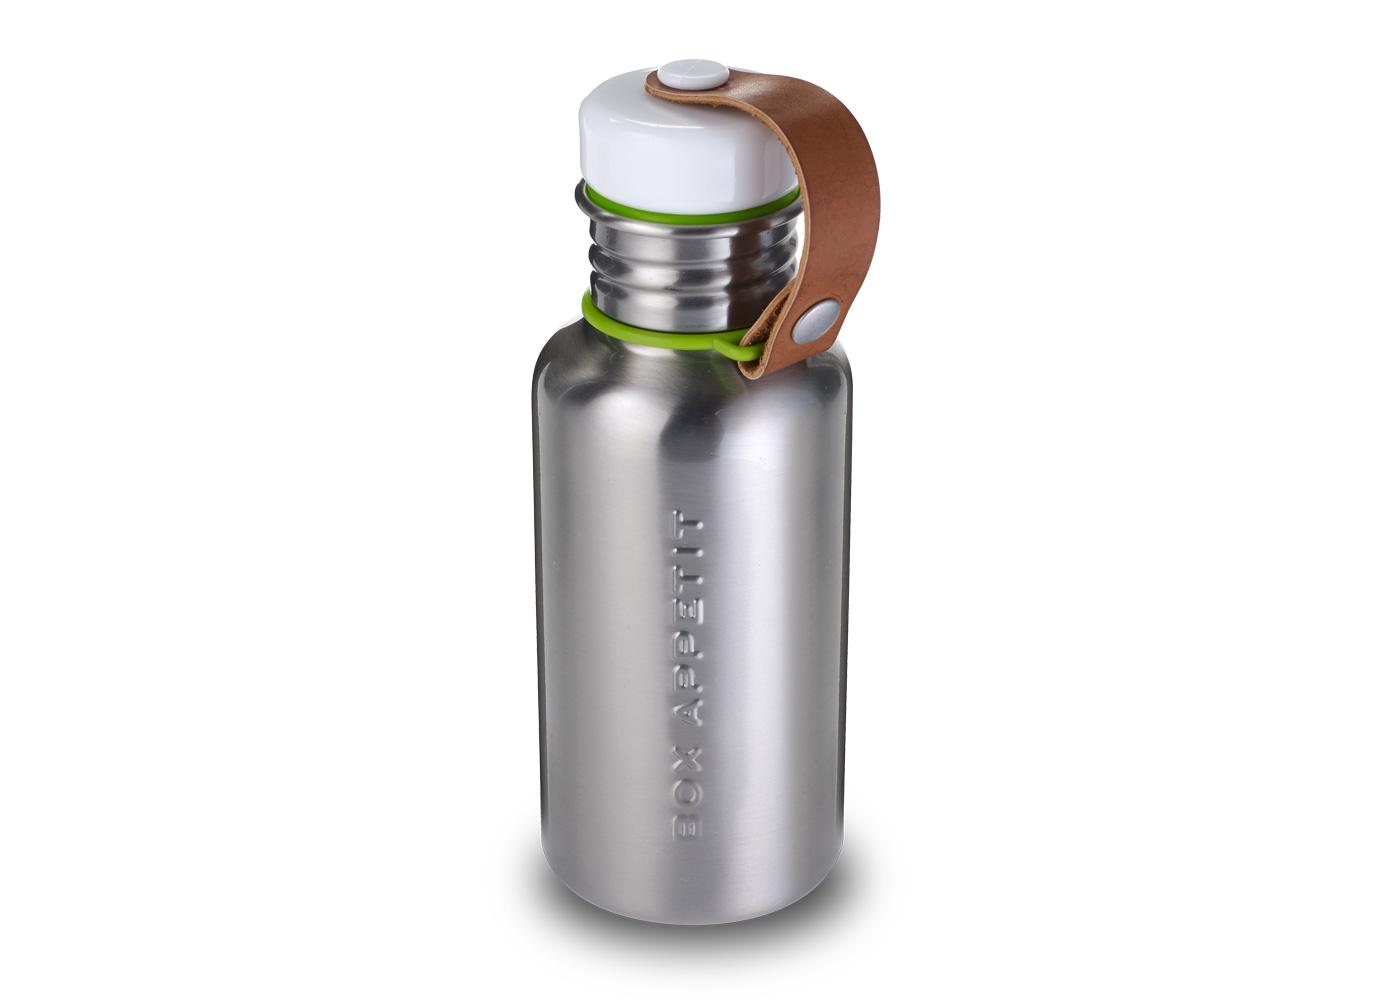 Фляга Box appetiteЕмкости для хранения<br>Небольшая фляга из нержавеющей стали, выполненная в винтажном стиле. Удобная и экологичная альтернатива одноразовым пластиковым бутылкам. Плотная крышка из защитит содержимое от протекания и не потеряется благодаря ремешку из эко-кожи.&amp;amp;nbsp;&amp;lt;div&amp;gt;&amp;lt;br&amp;gt;&amp;lt;/div&amp;gt;&amp;lt;div&amp;gt;Объем 350 мл.&amp;lt;/div&amp;gt;<br><br>Material: Металл<br>Высота см: 20